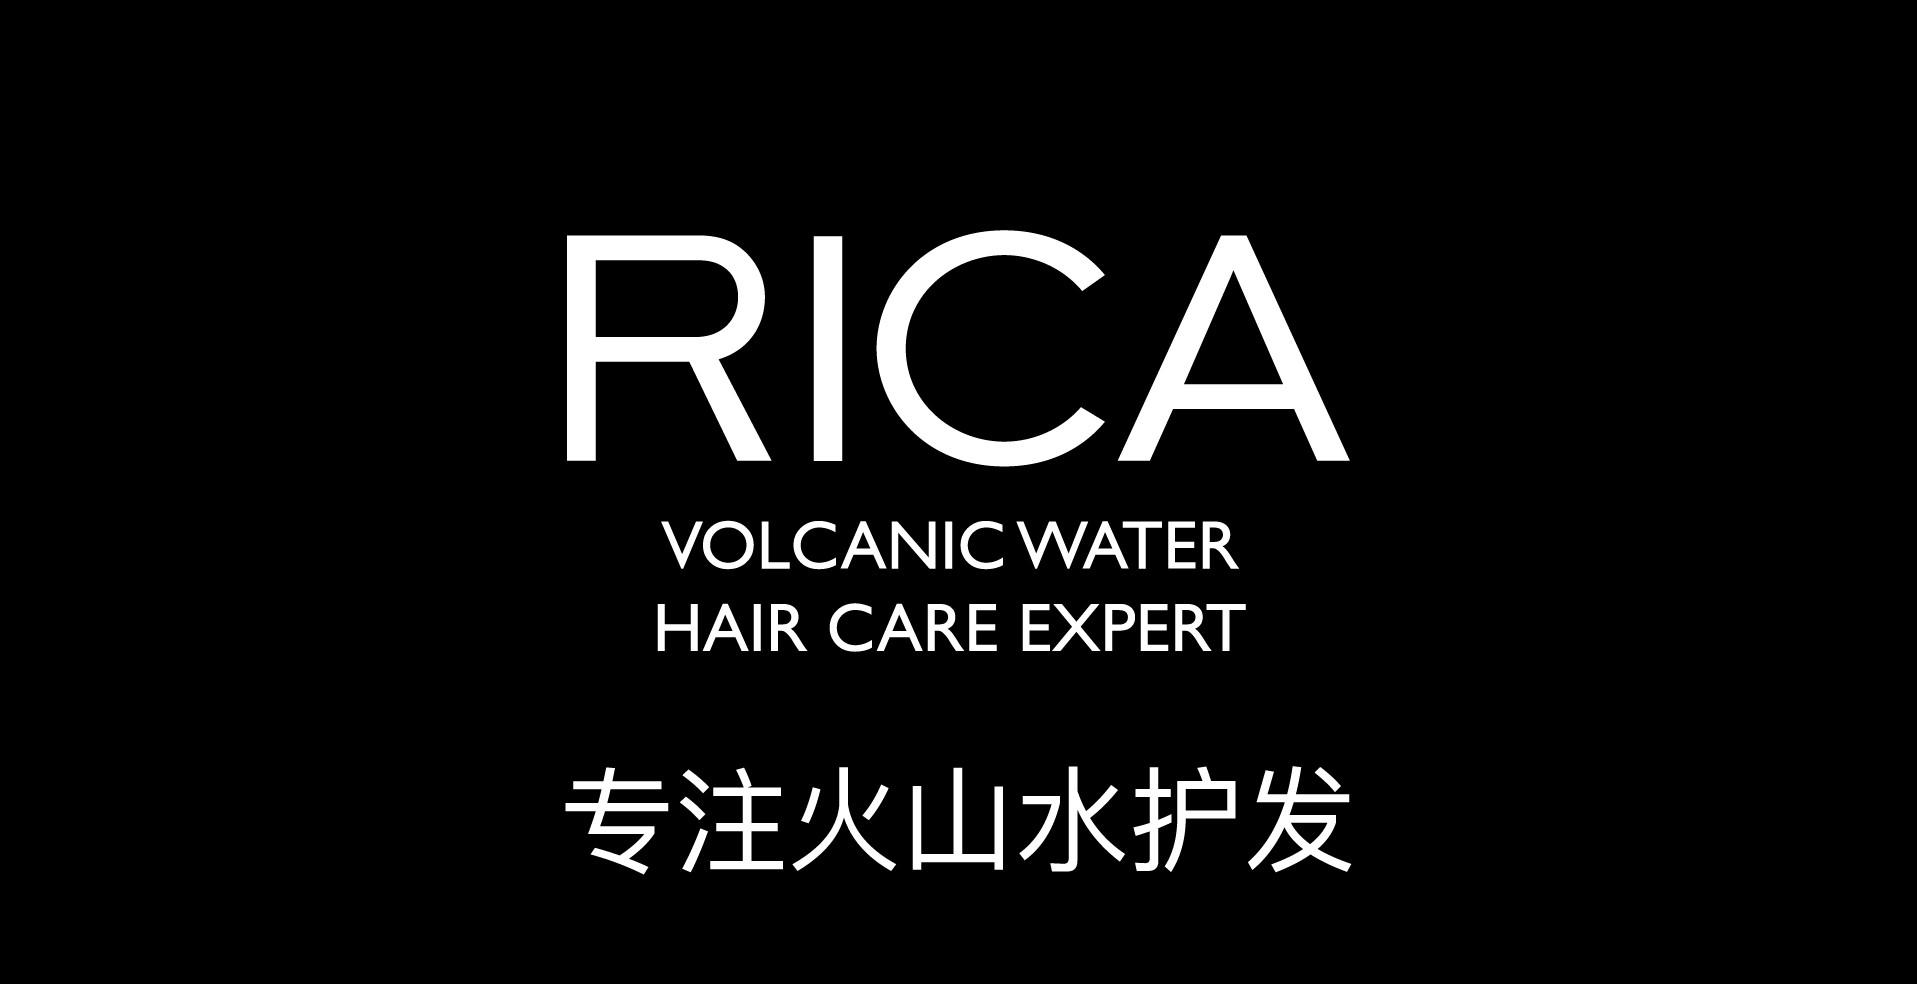 RICA 芮逸嘉丰盈系列